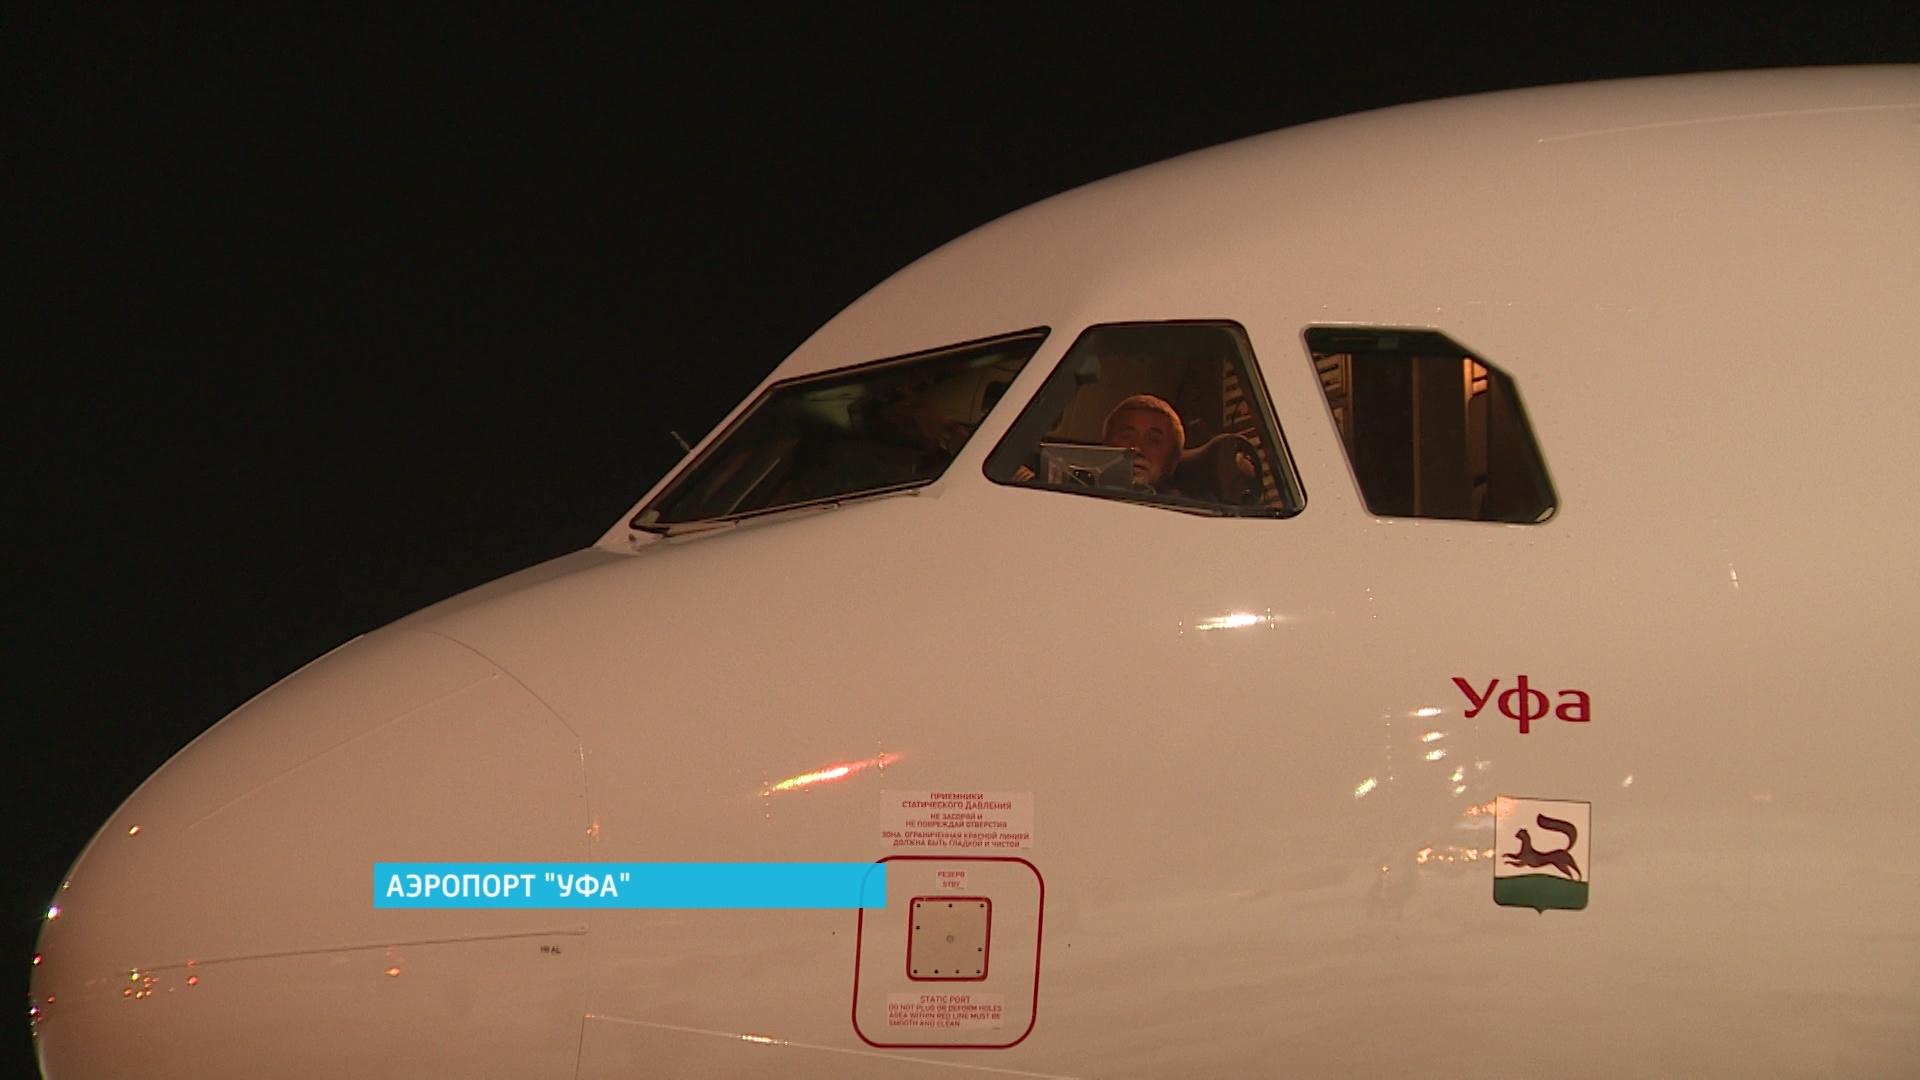 Российскому авиалайнеру присвоено имя «Уфа»